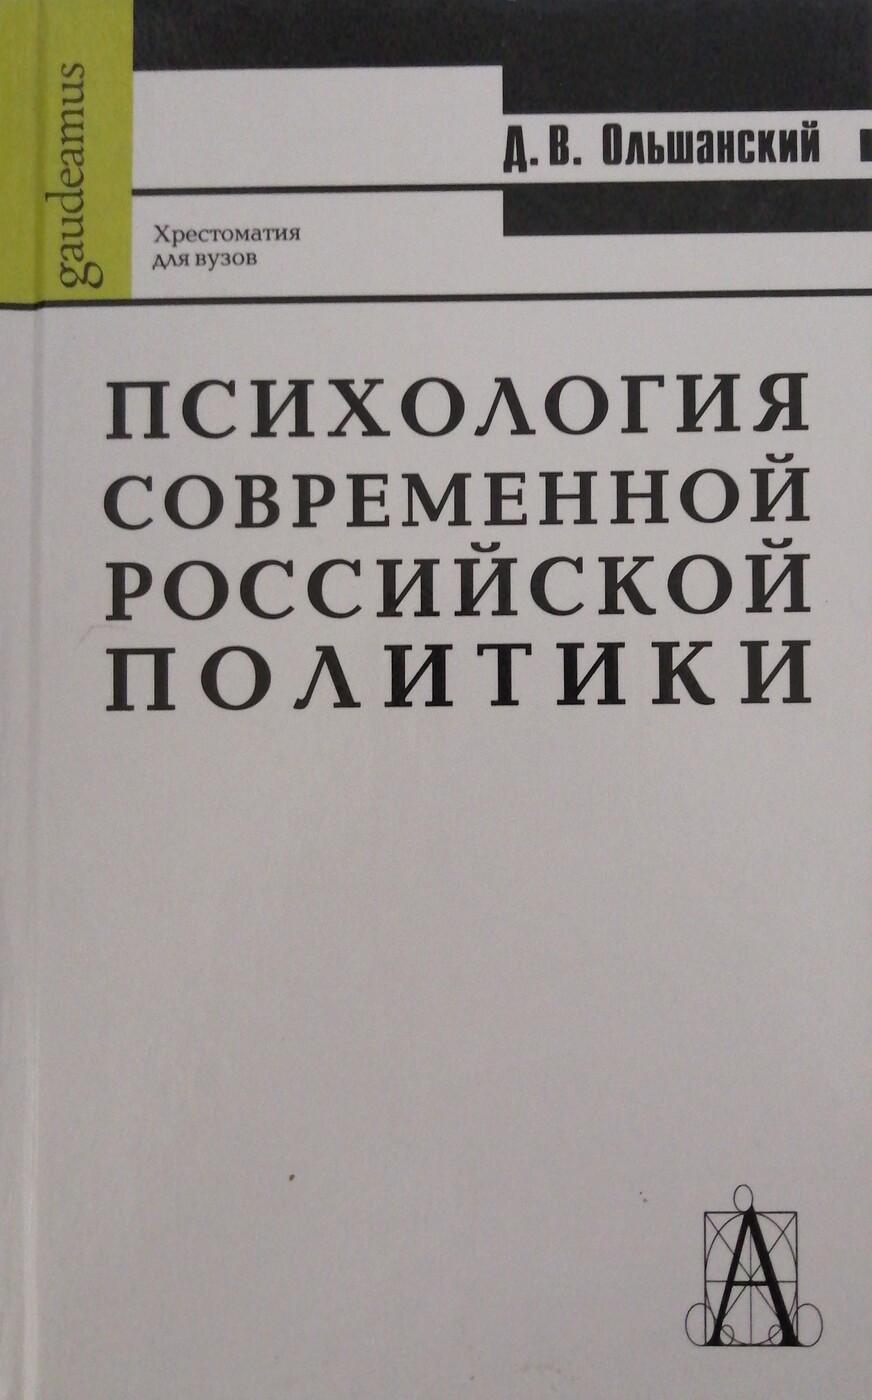 Дмитрий Ольшанский. Психология современной российской политики